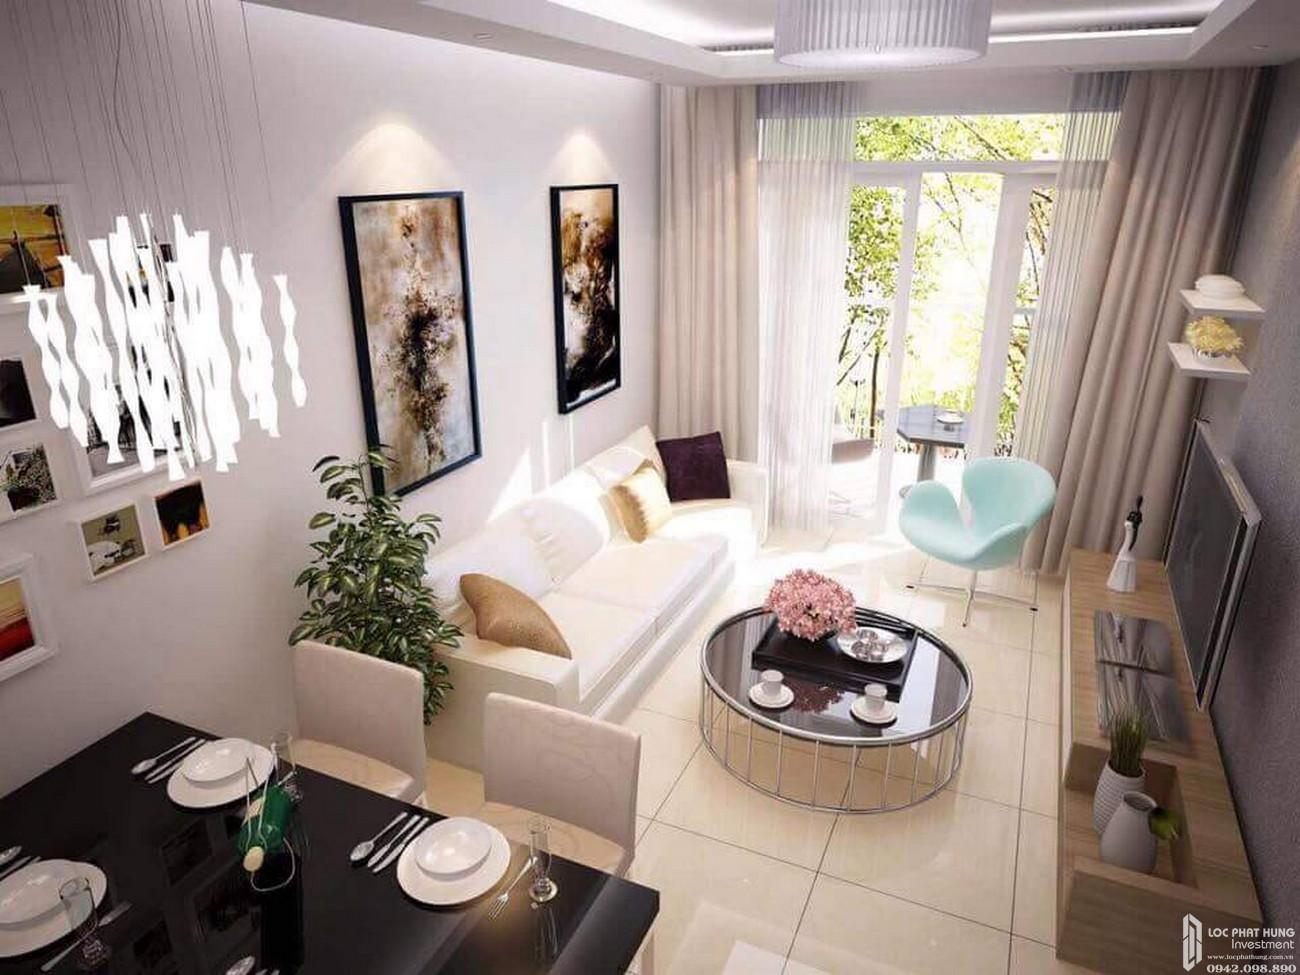 Nhà mẫu dự án căn hộ chung cư Sky Symphony Nhà Bè Đường Lê Văn Lương chủ đầu tư Khải Hoàn Land